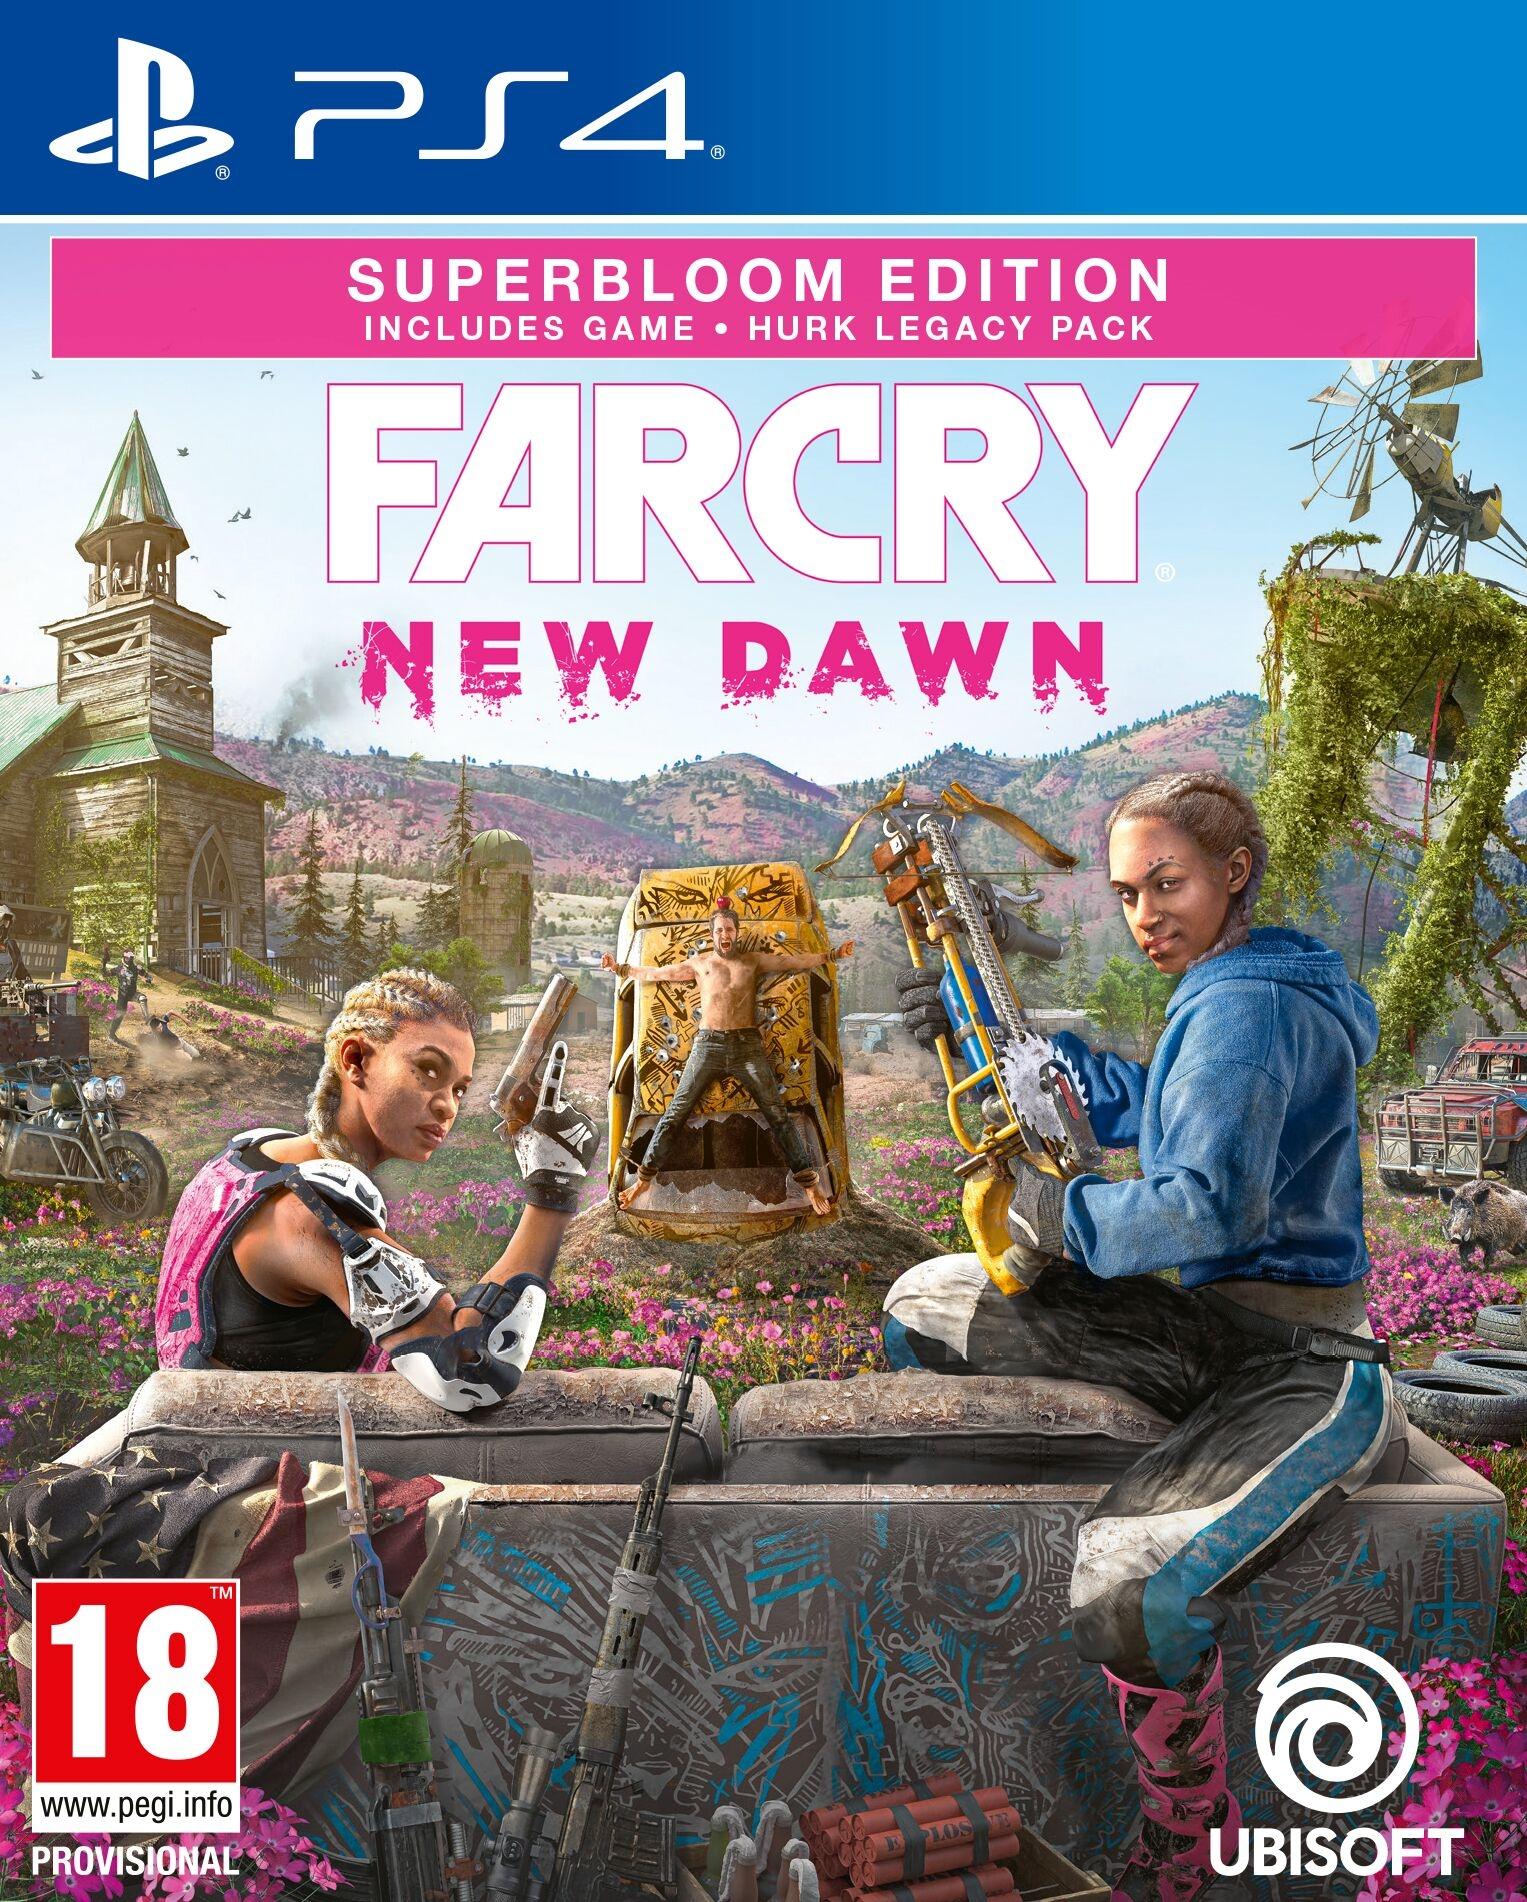 PS4 Far Cry New Dawn Superbloom Edition + Bonus